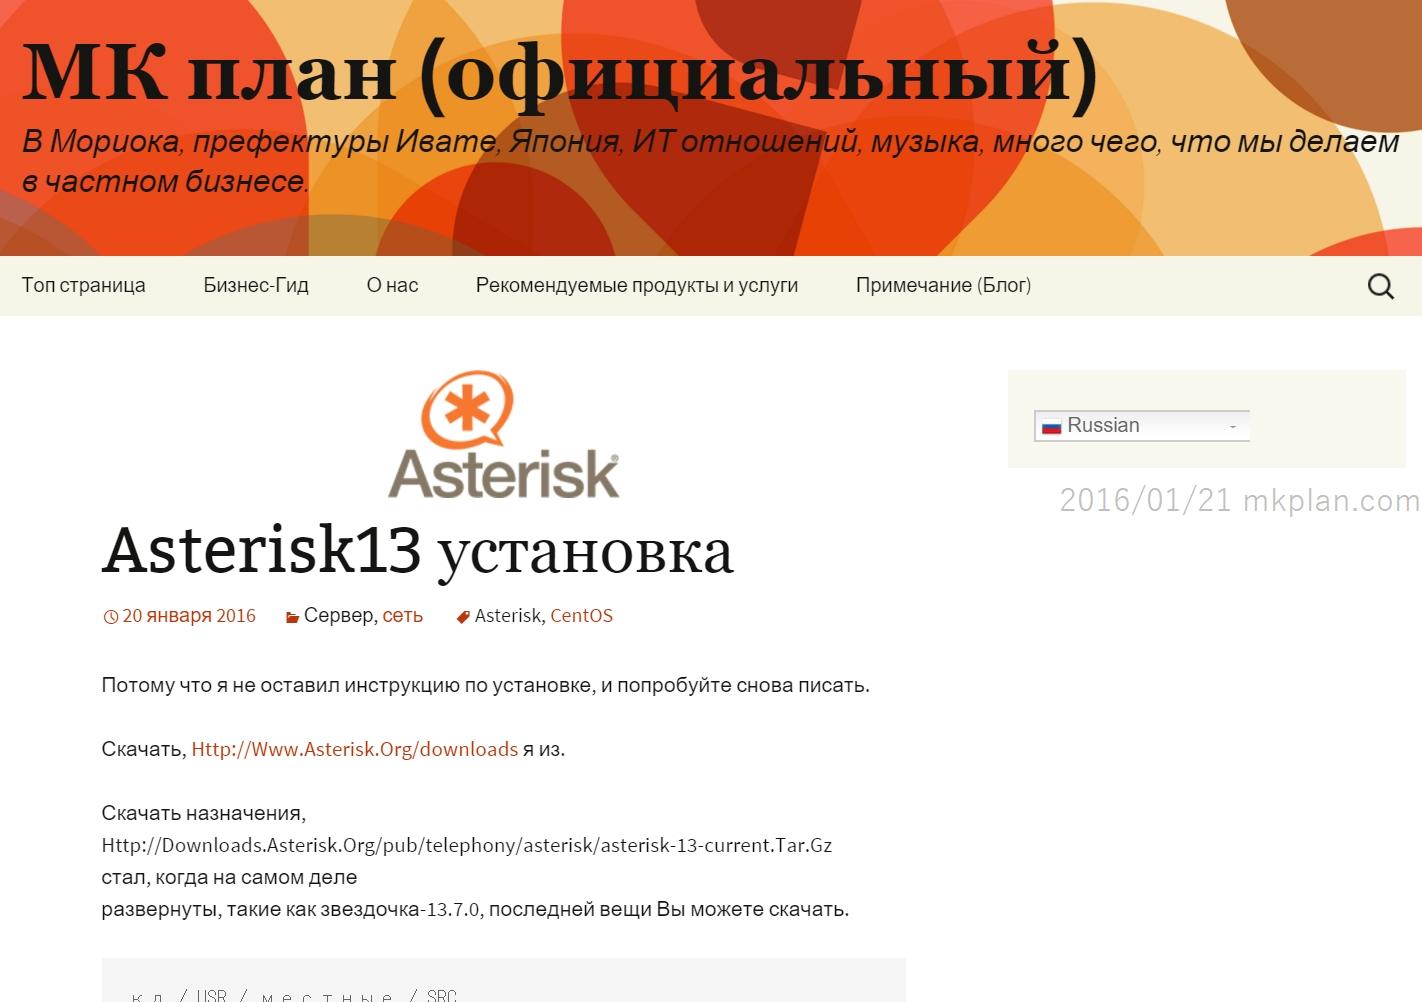 英語版、ロシア語版のホームページを作りました。嘘ですけど。